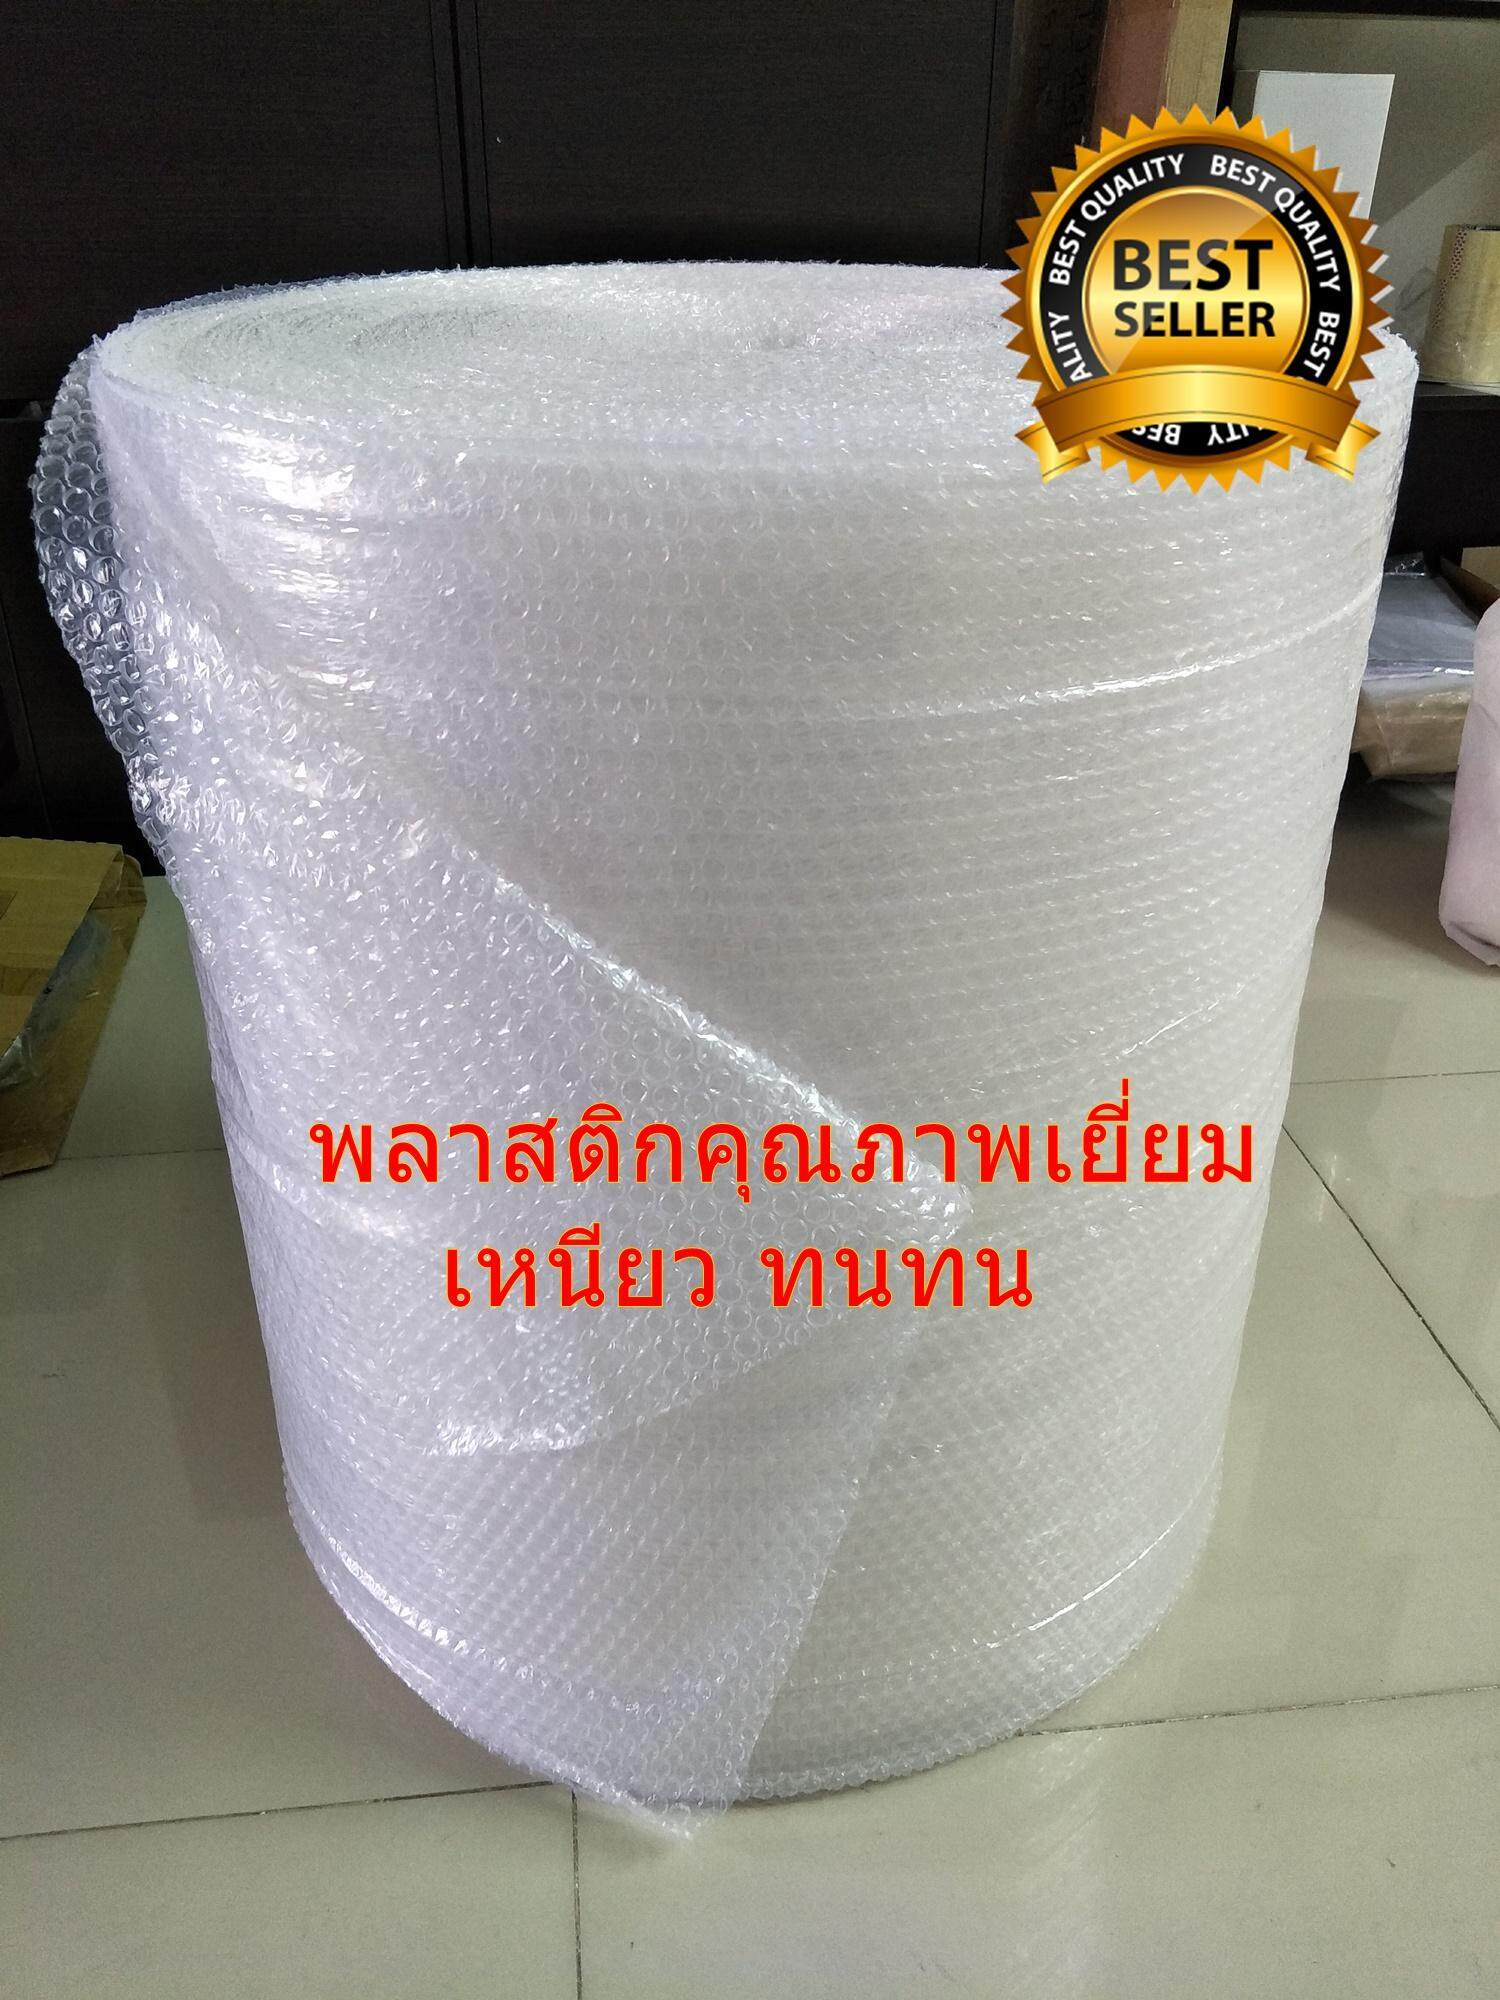 Thaigreat พลาสติกกันกระแทก บับเบิ้ลกันกระแทก แอร์บับเบิ้บ Air Bubble กว้าง 65 ยาว 100 เมตร By Ml Shop.